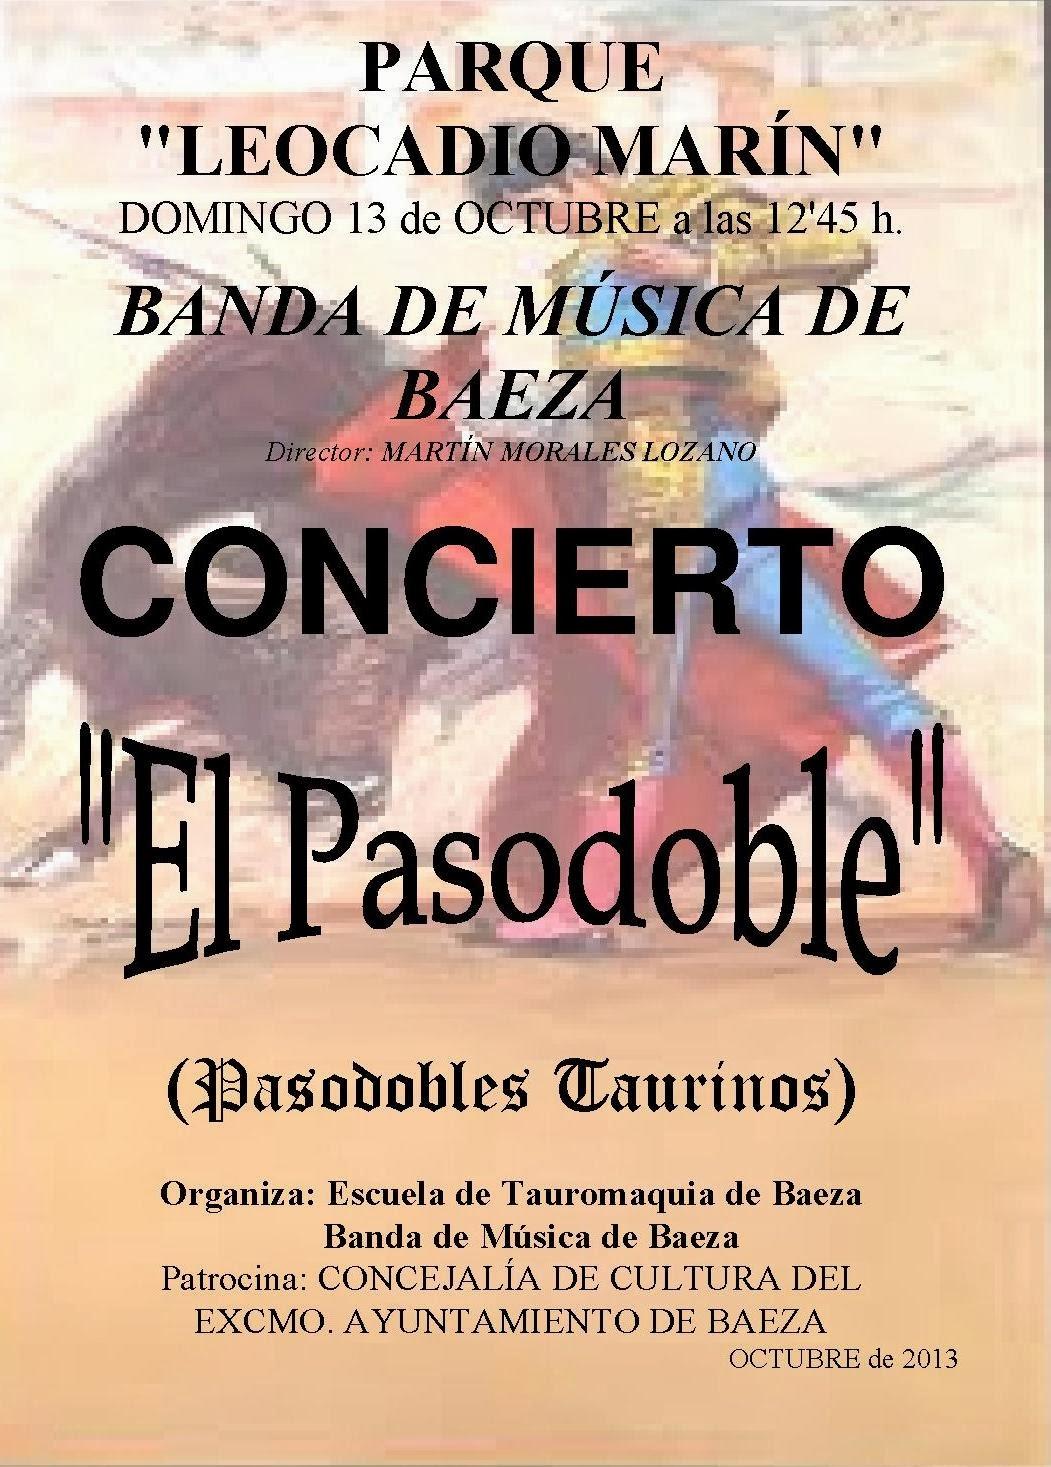 BANDA DE MÚSICA DE BAEZA - CONCIERTO DE PASODOBLES TAURINOS